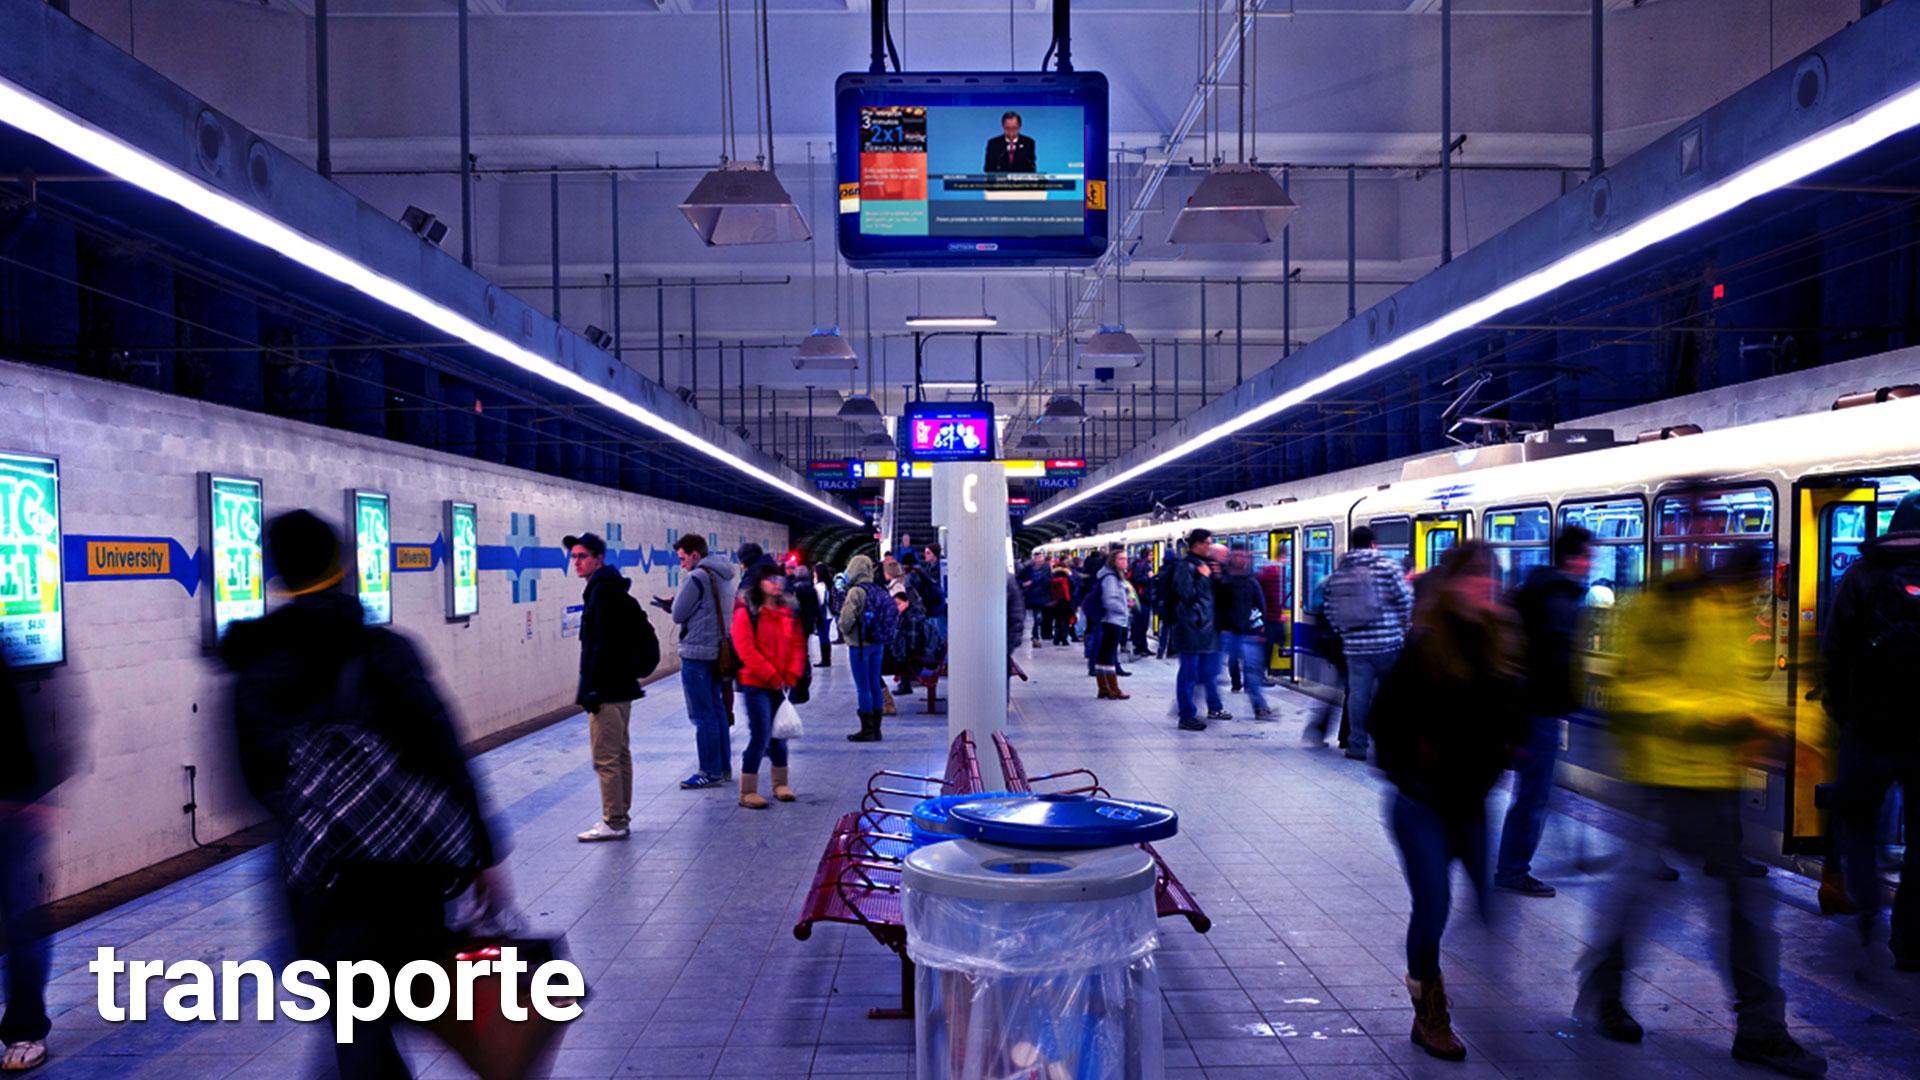 SG_PresentacionMANDAR_09_transporte